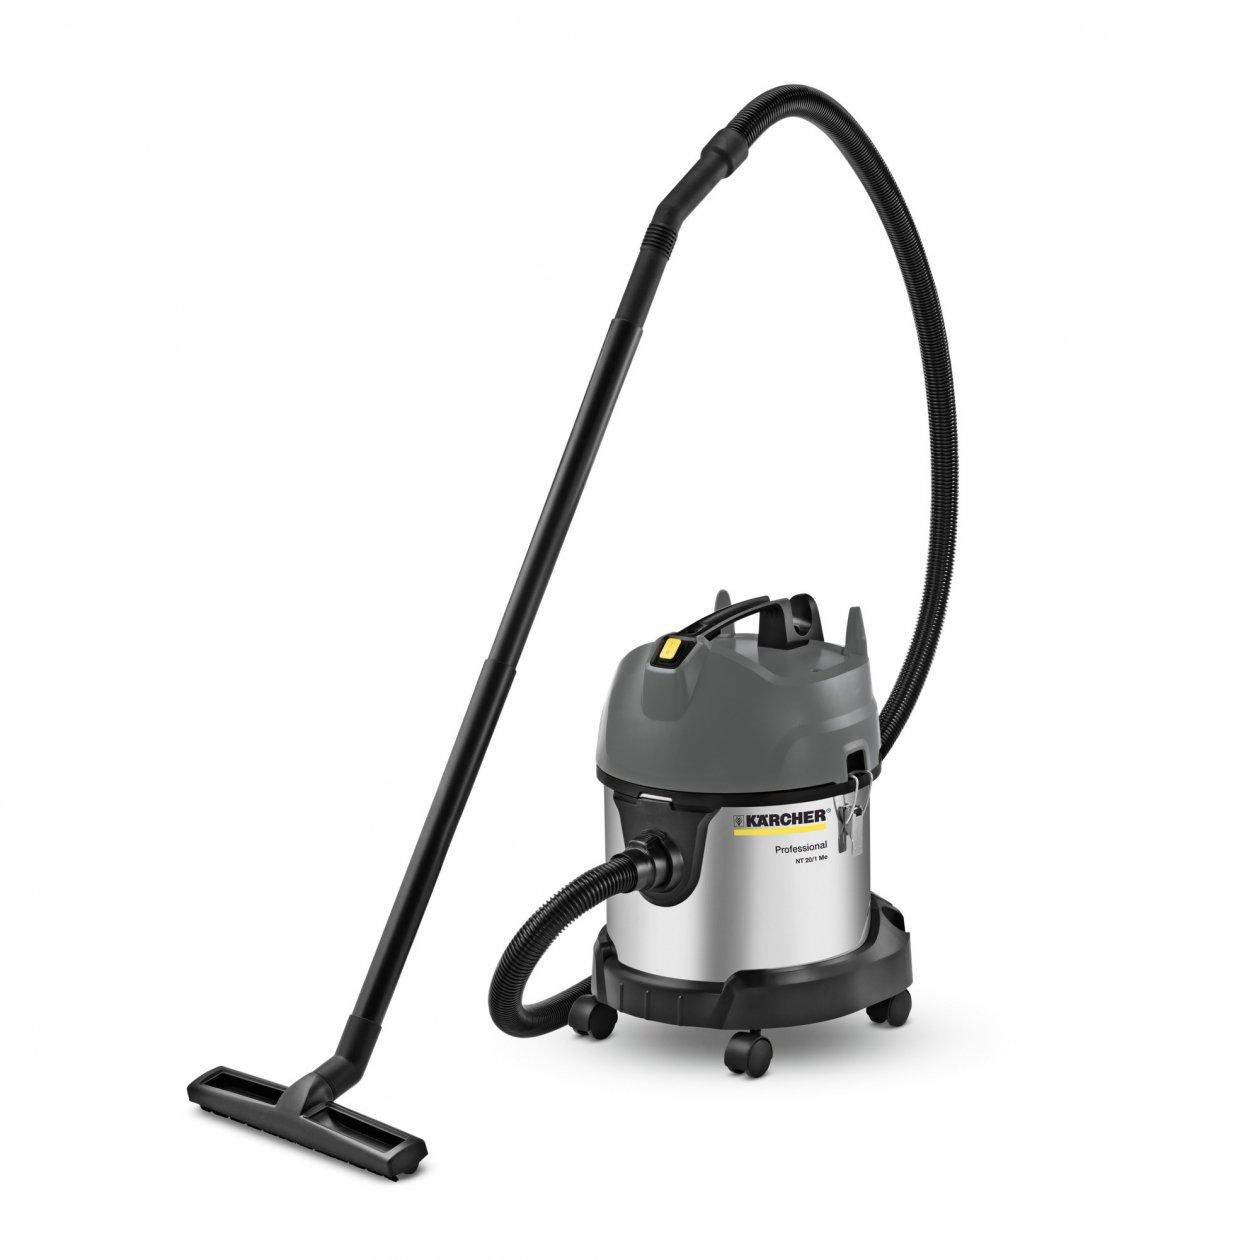 KARCHER 1.428-548.0 - Aspirador professional para seco y humedo NT ...